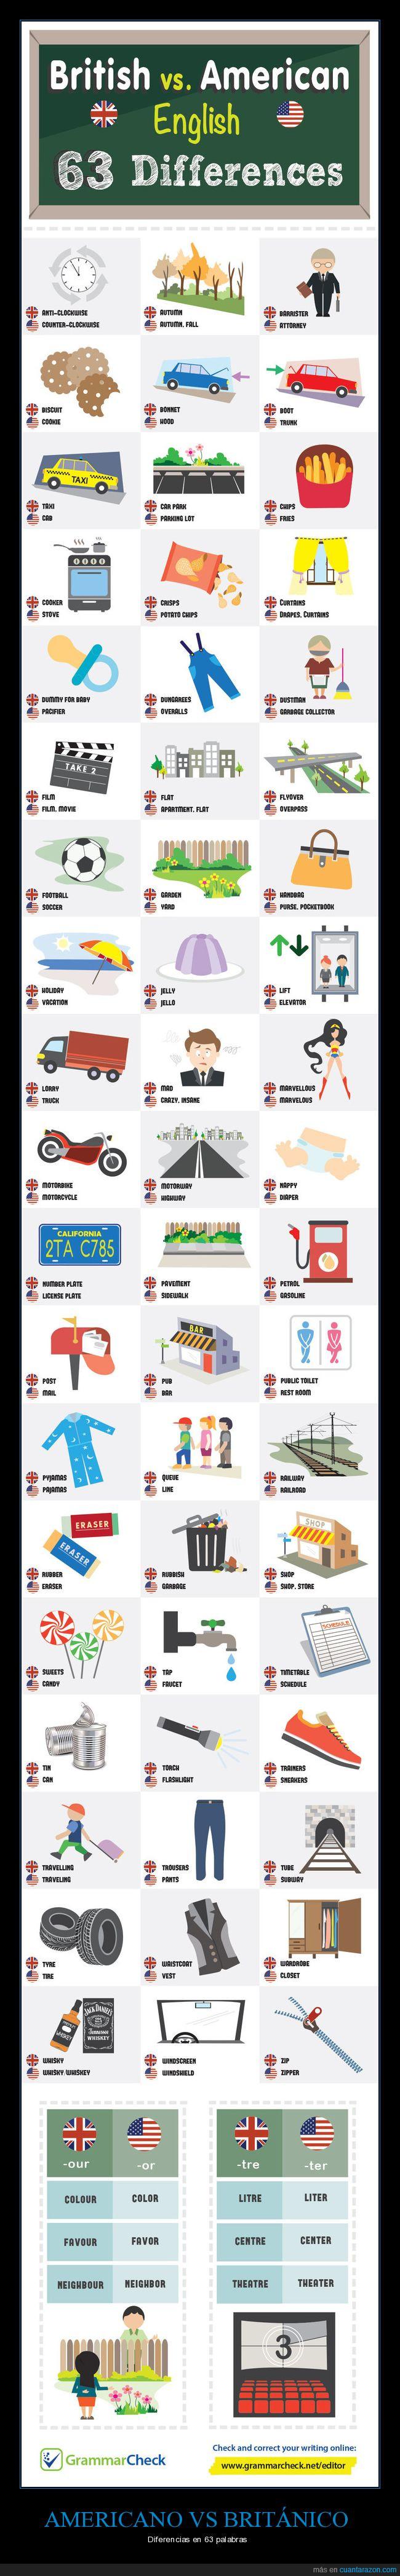 americano,britanico,idioma,inglés,palabras